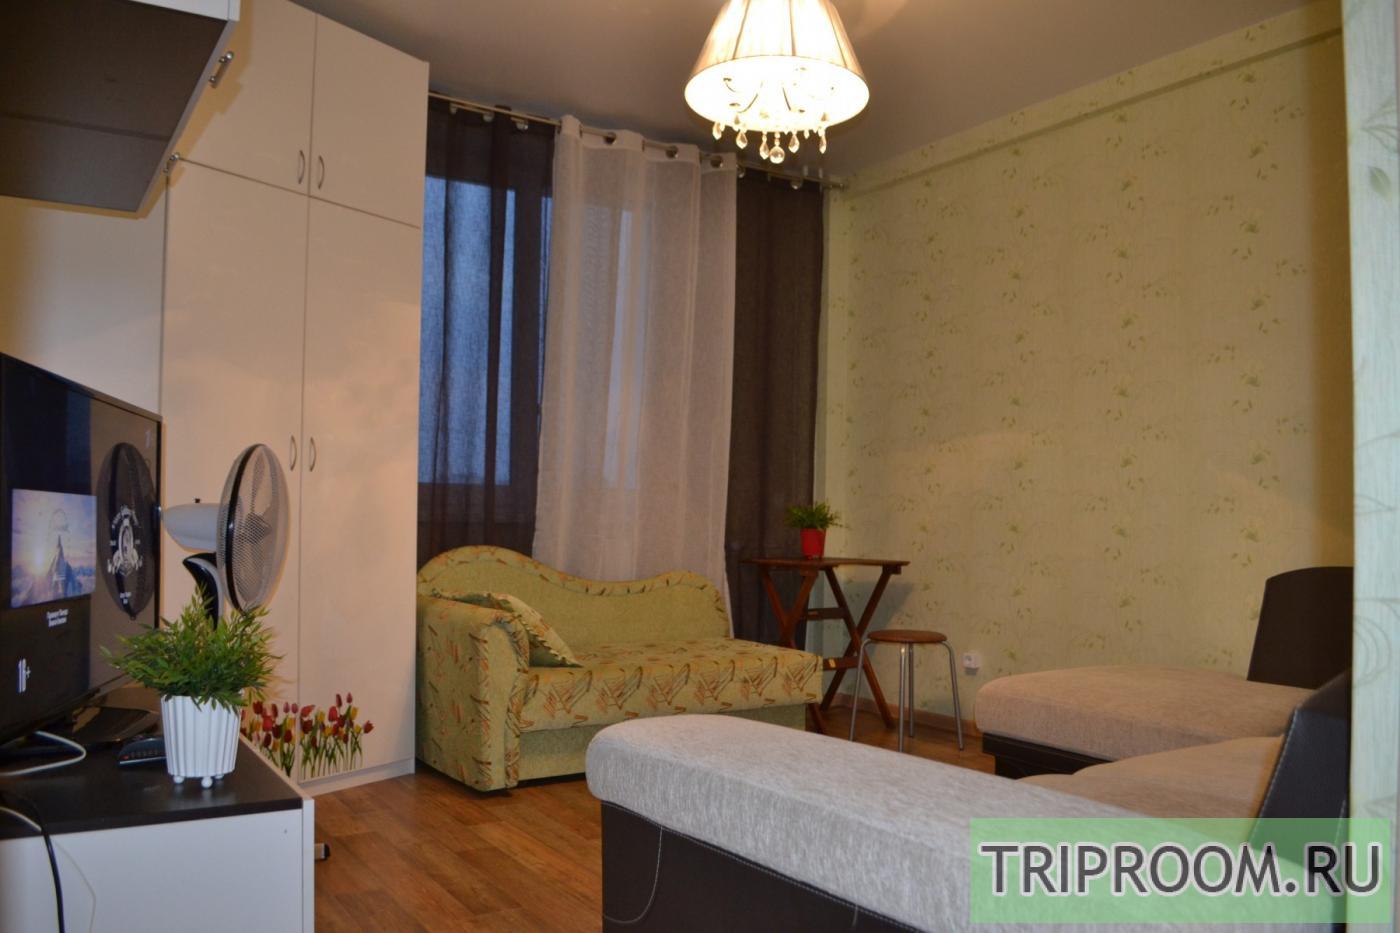 1-комнатная квартира посуточно (вариант № 23176), ул. улиуа Беляева, фото № 6